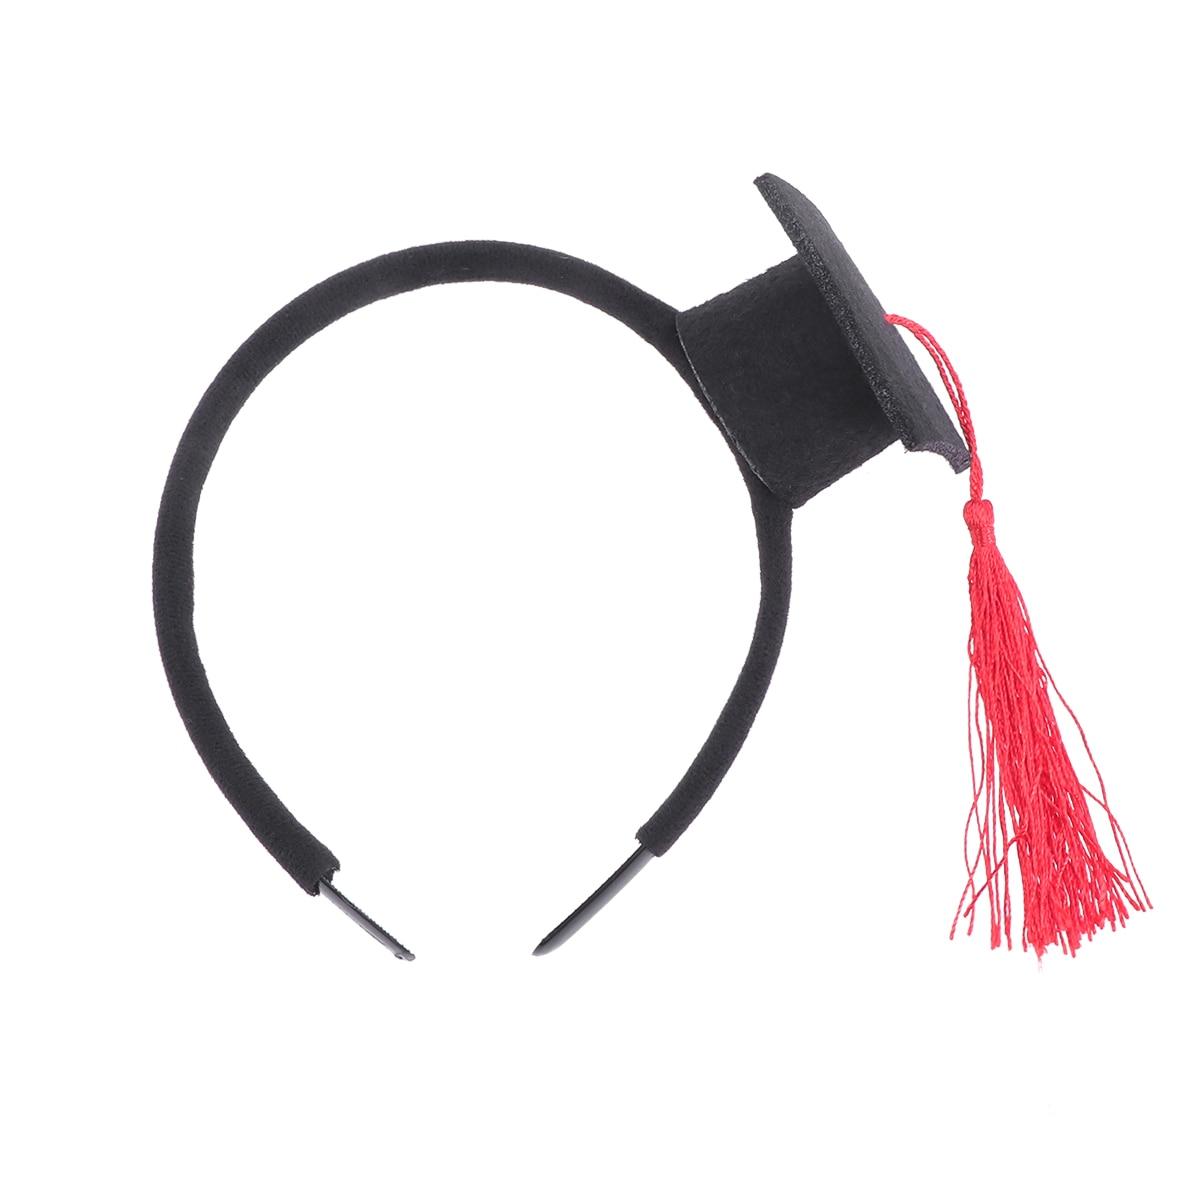 Mini gorra Doctoral banda para el cabello fiesta estereoscópica cabeza pieza decoración de graduación (Estilo negro (rojo)